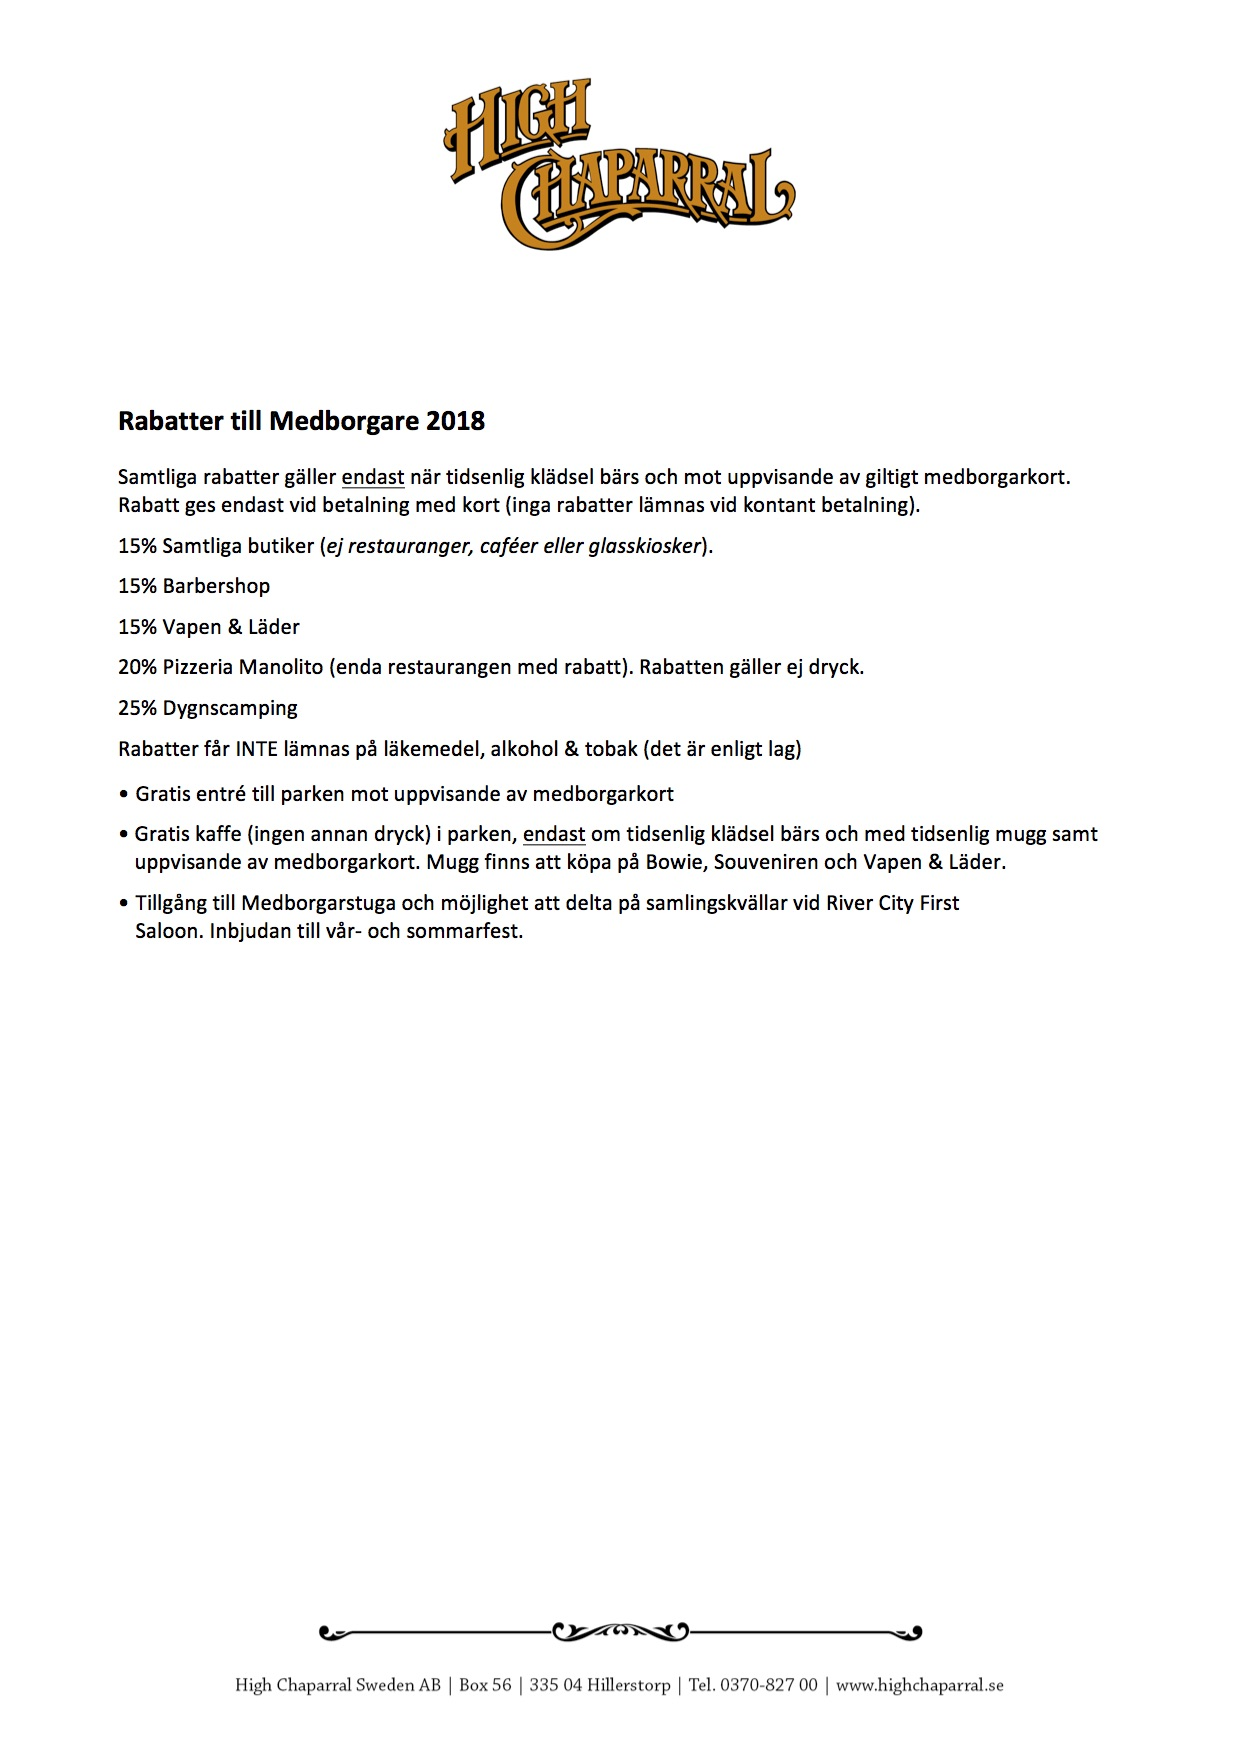 Rabatter till medborgare 2018